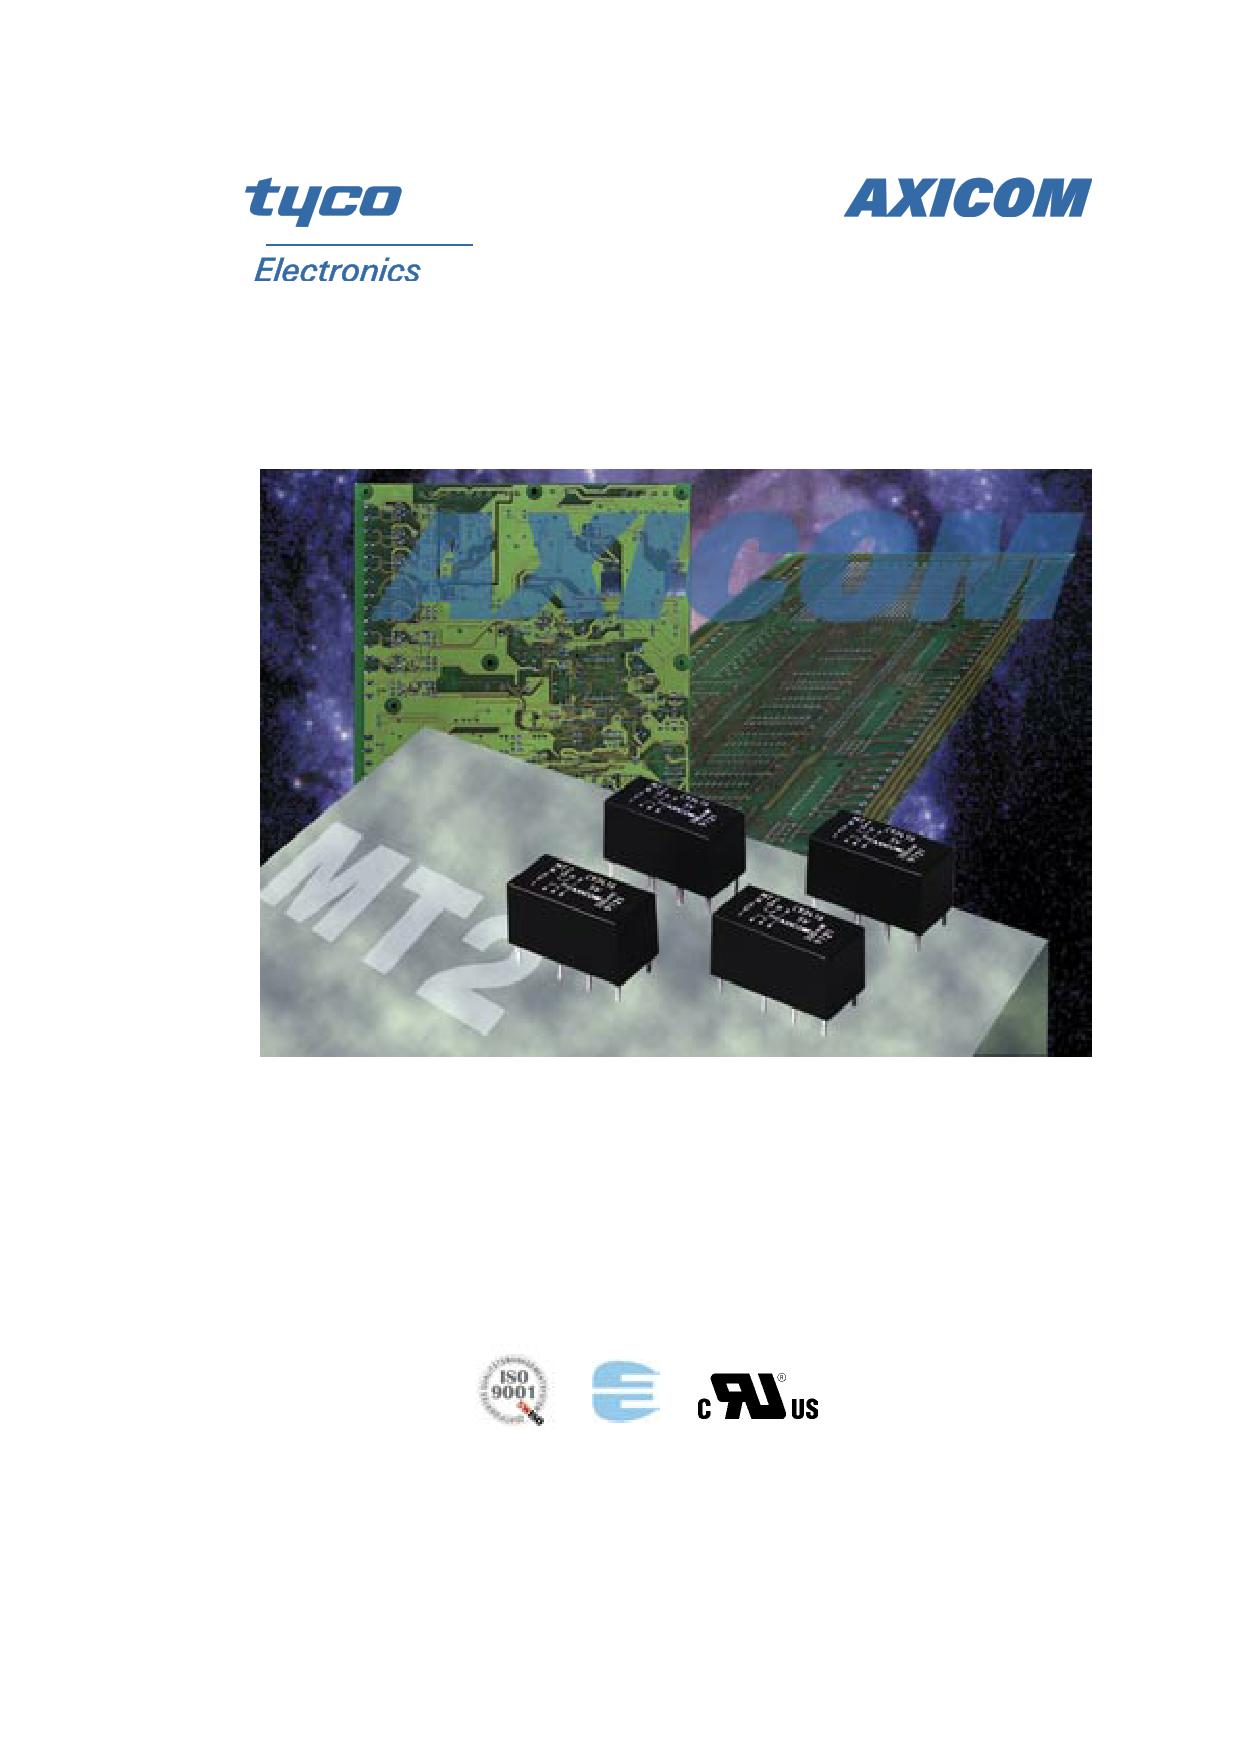 5-1462000-0 Hoja de datos, Descripción, Manual